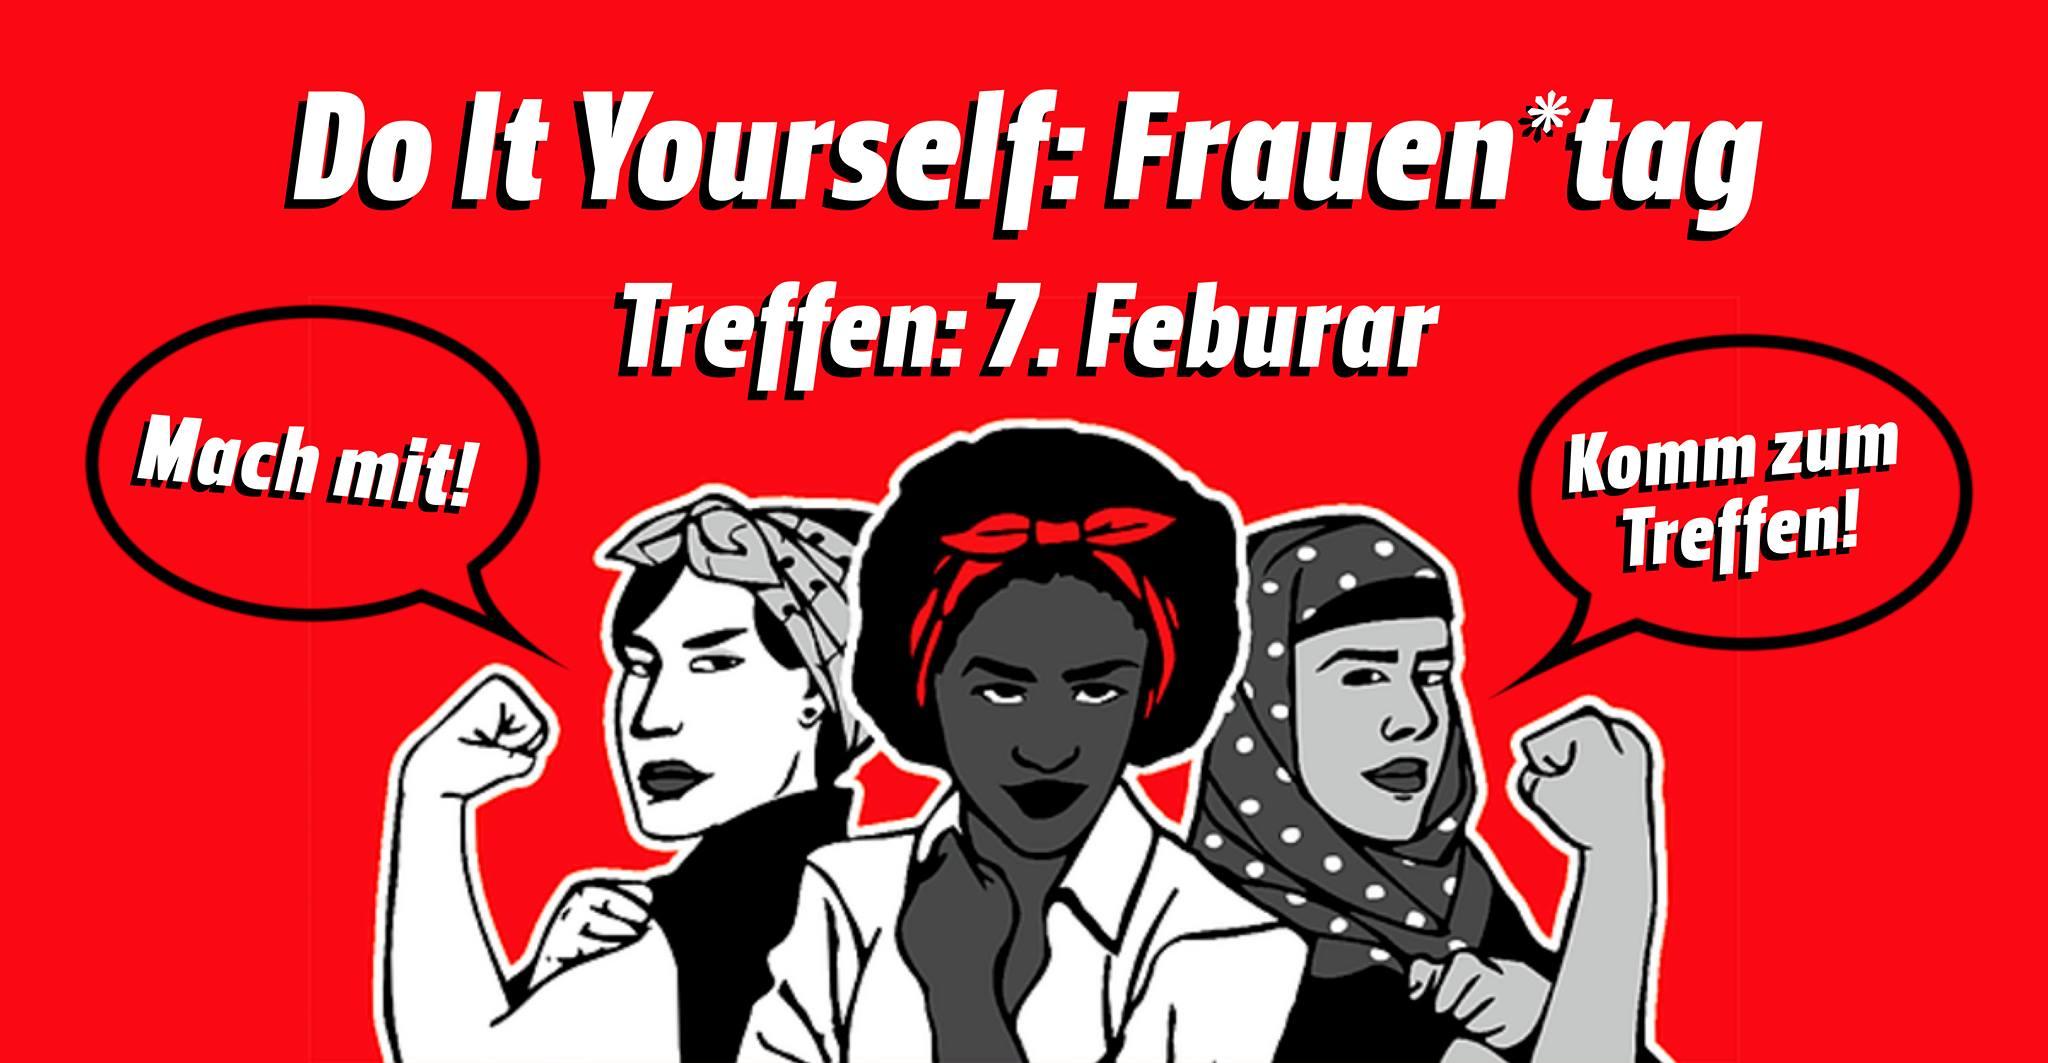 Seid doch laut!: Die Frauen fr den Frieden in Ost-Berlin